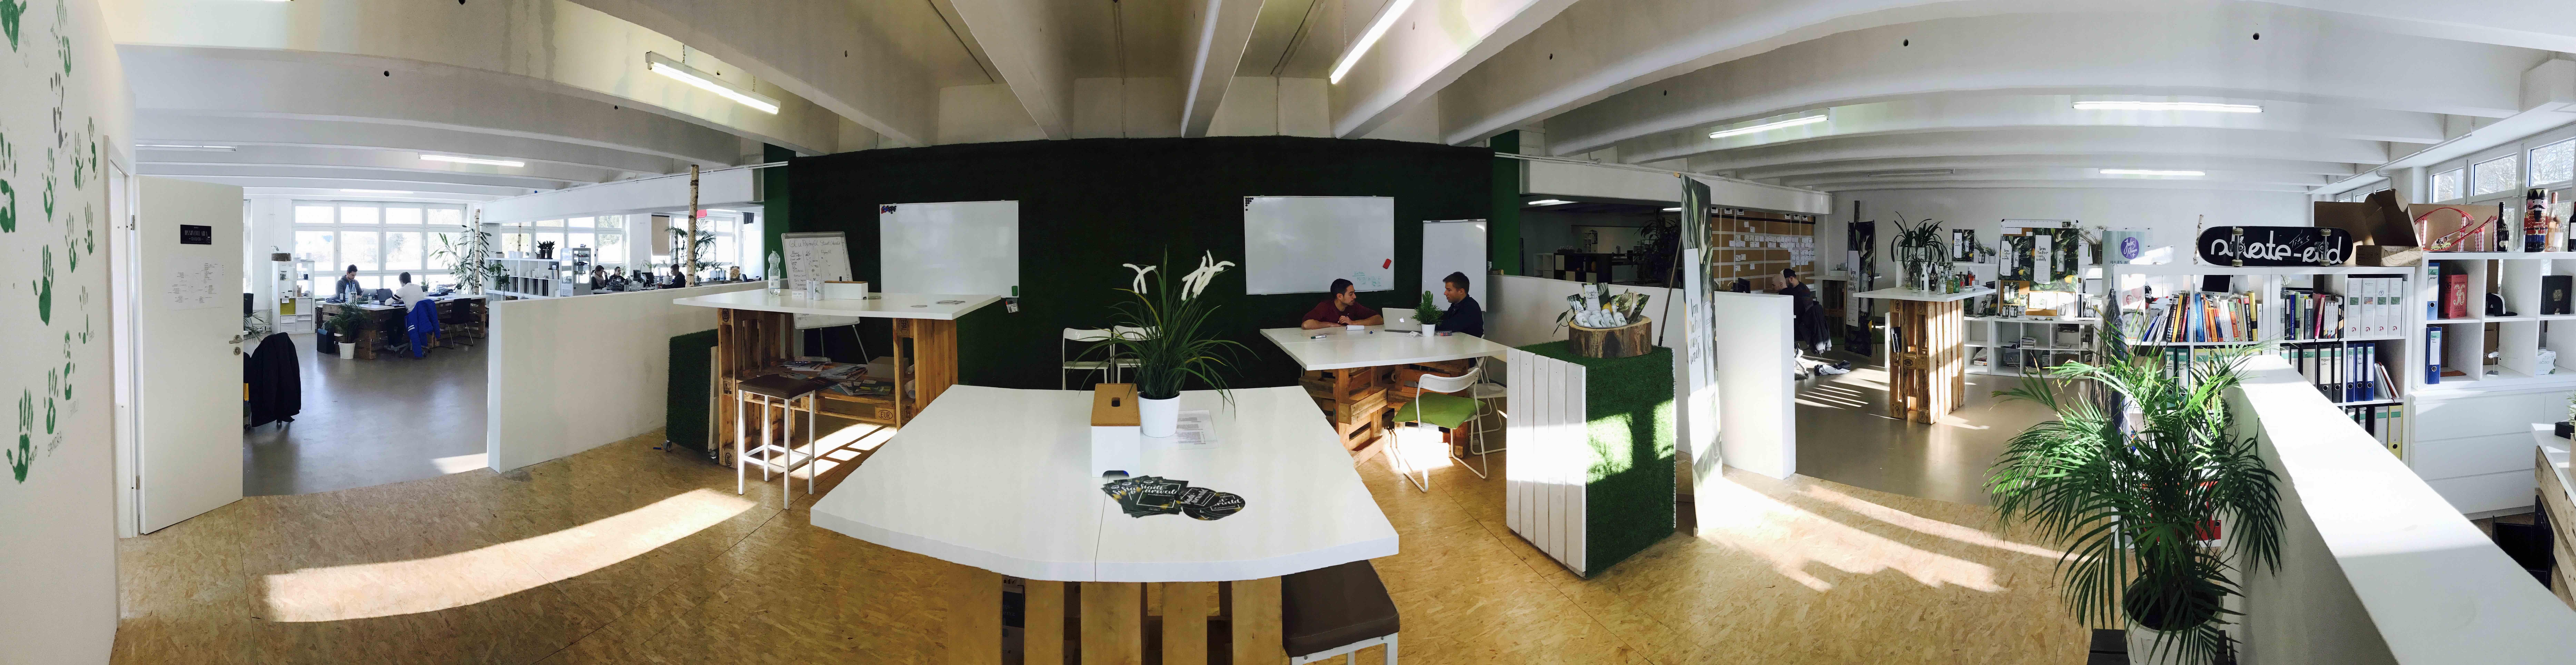 Der Office-Space in Taunusstein